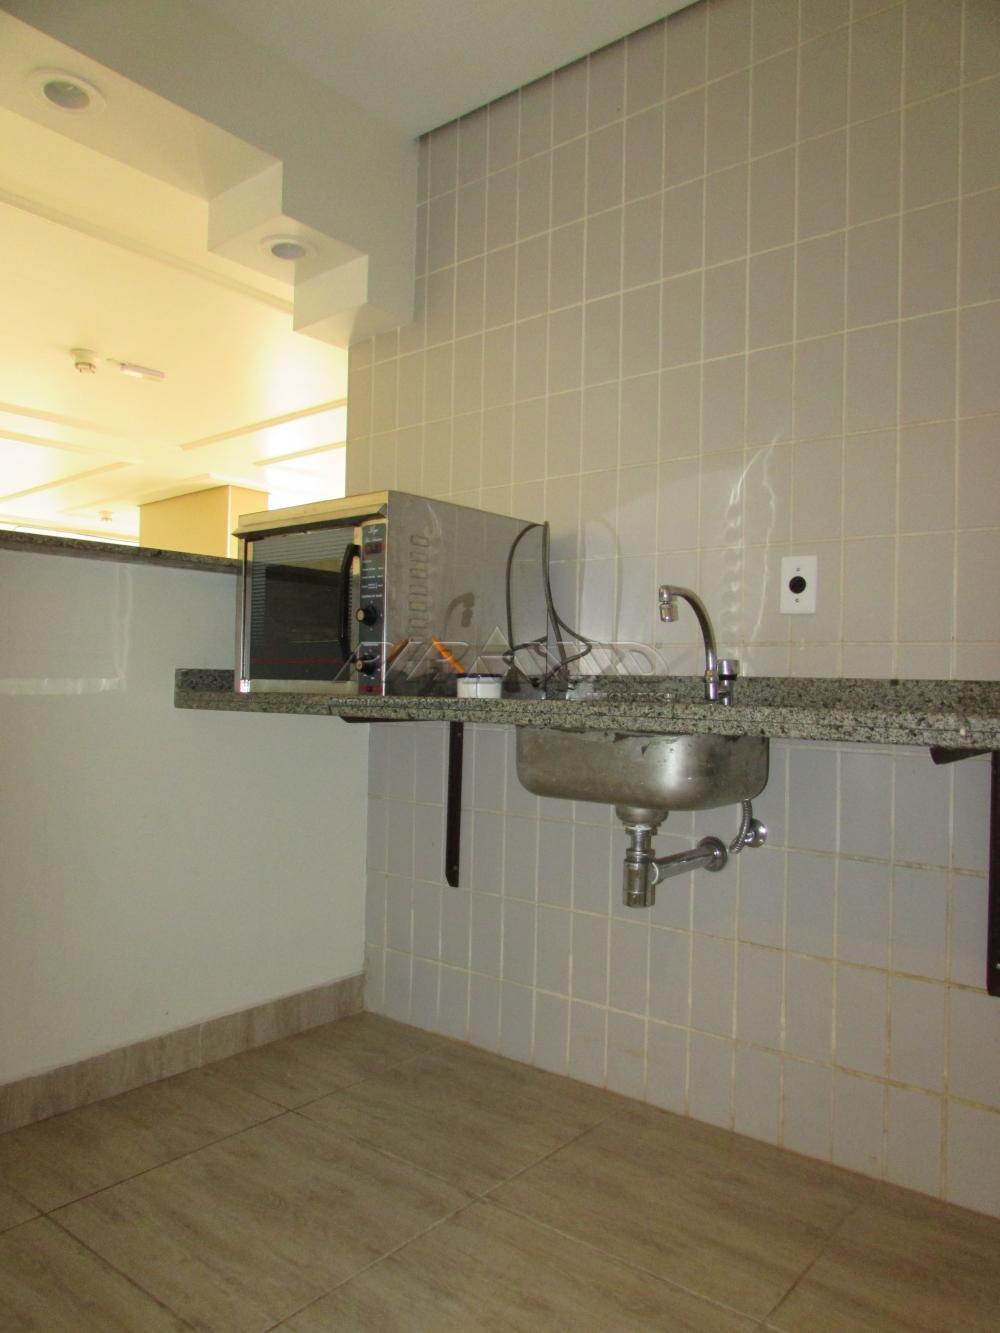 Comprar Apartamento / Padrão em Ribeirão Preto R$ 390.000,00 - Foto 29